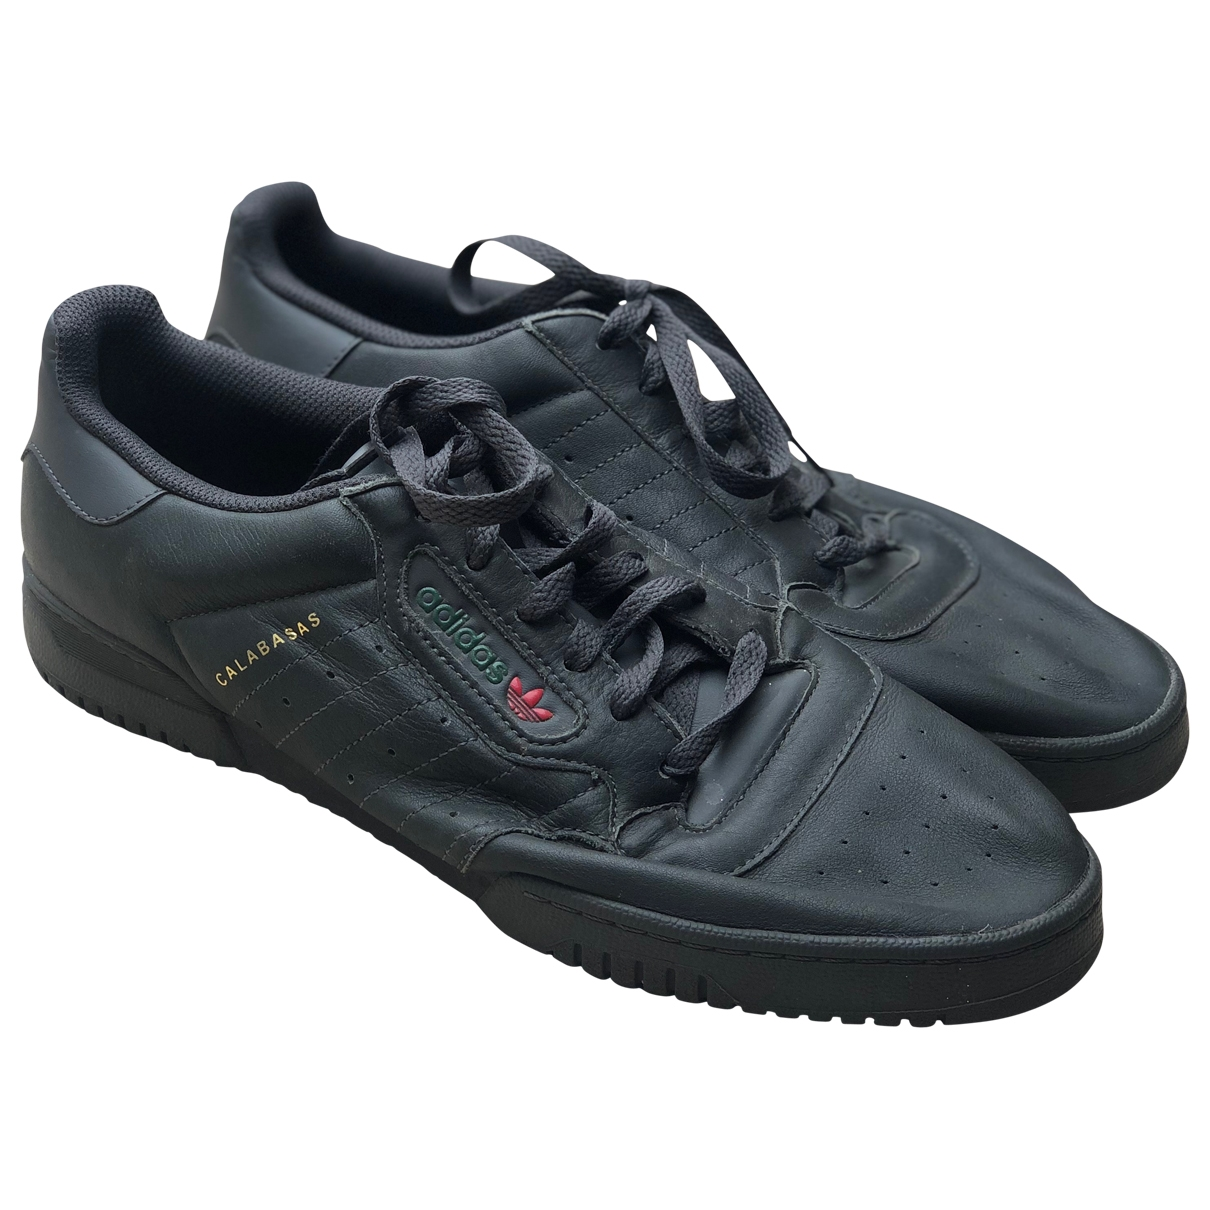 Yeezy X Adidas - Baskets POWERPHASE pour homme en cuir - noir